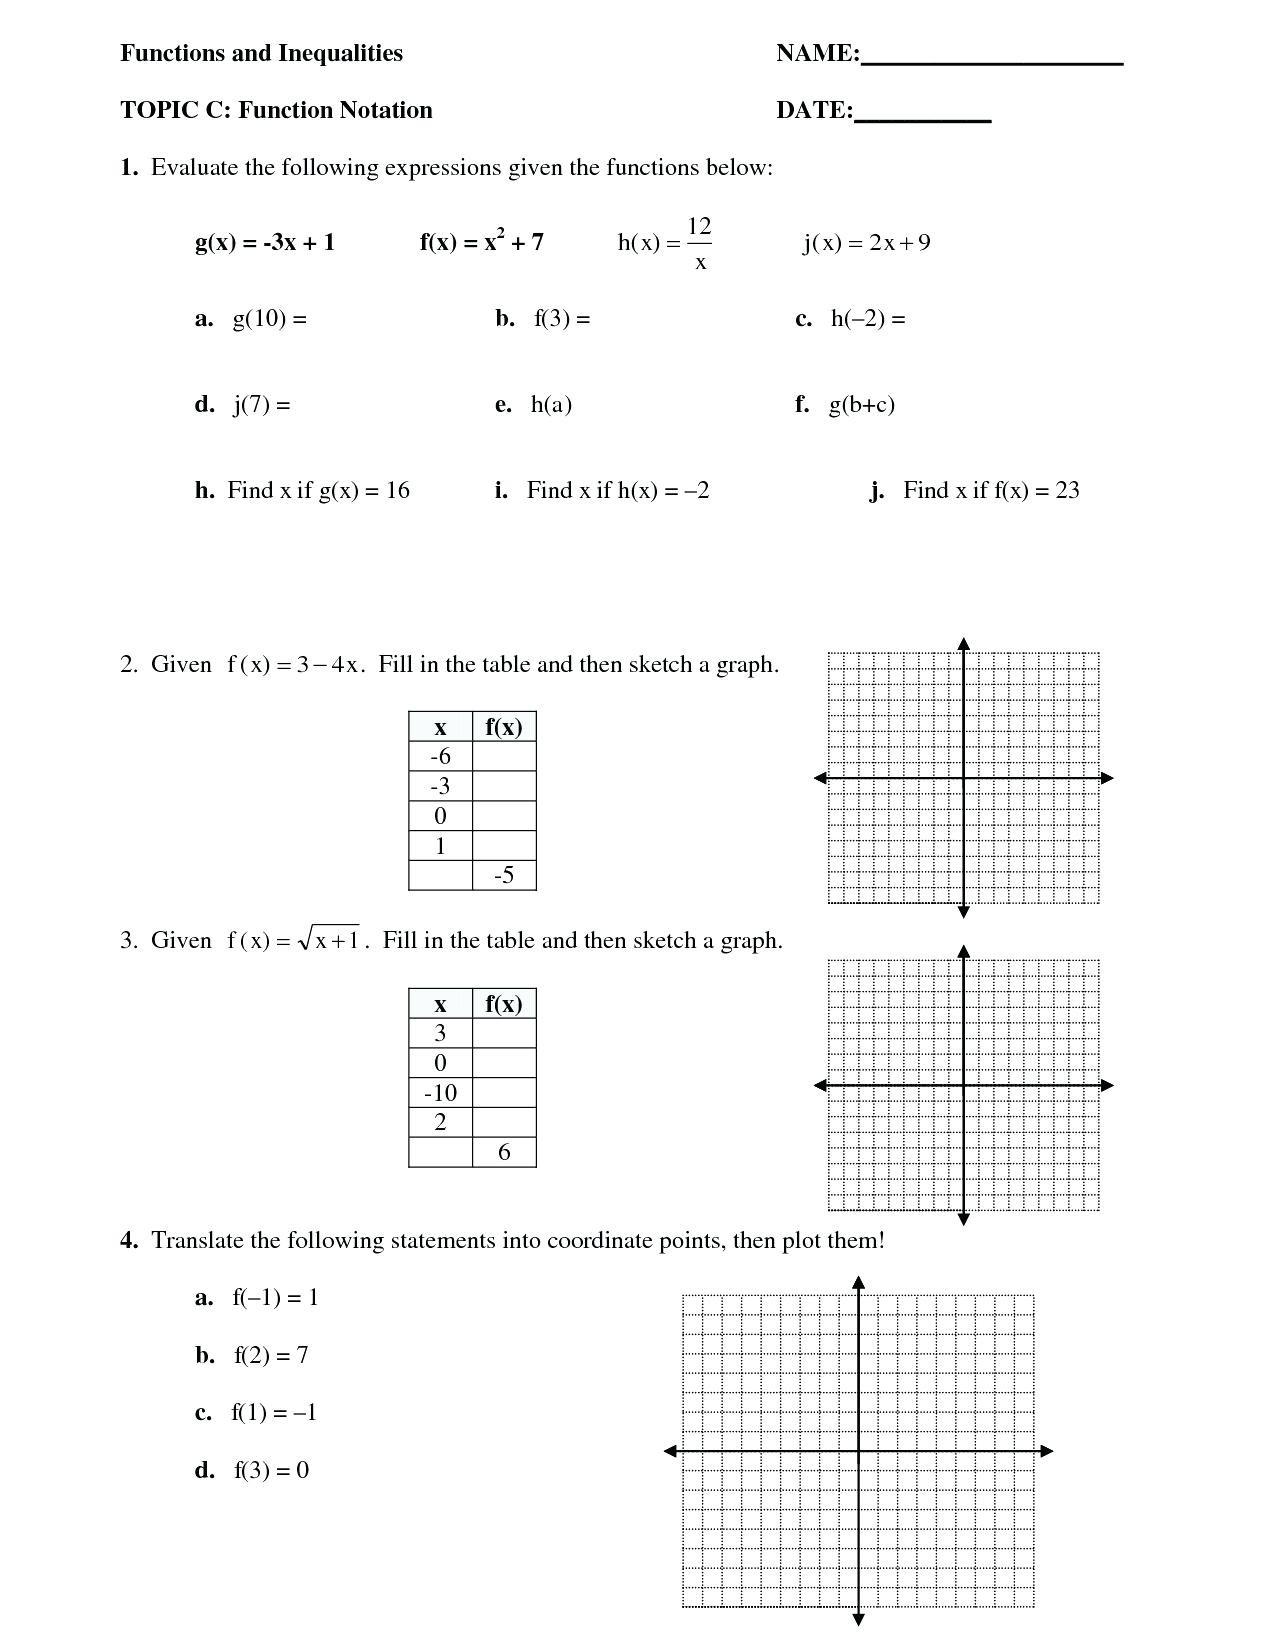 Evaluating Functions Worksheet Algebra 1 Posite Function Worksheet